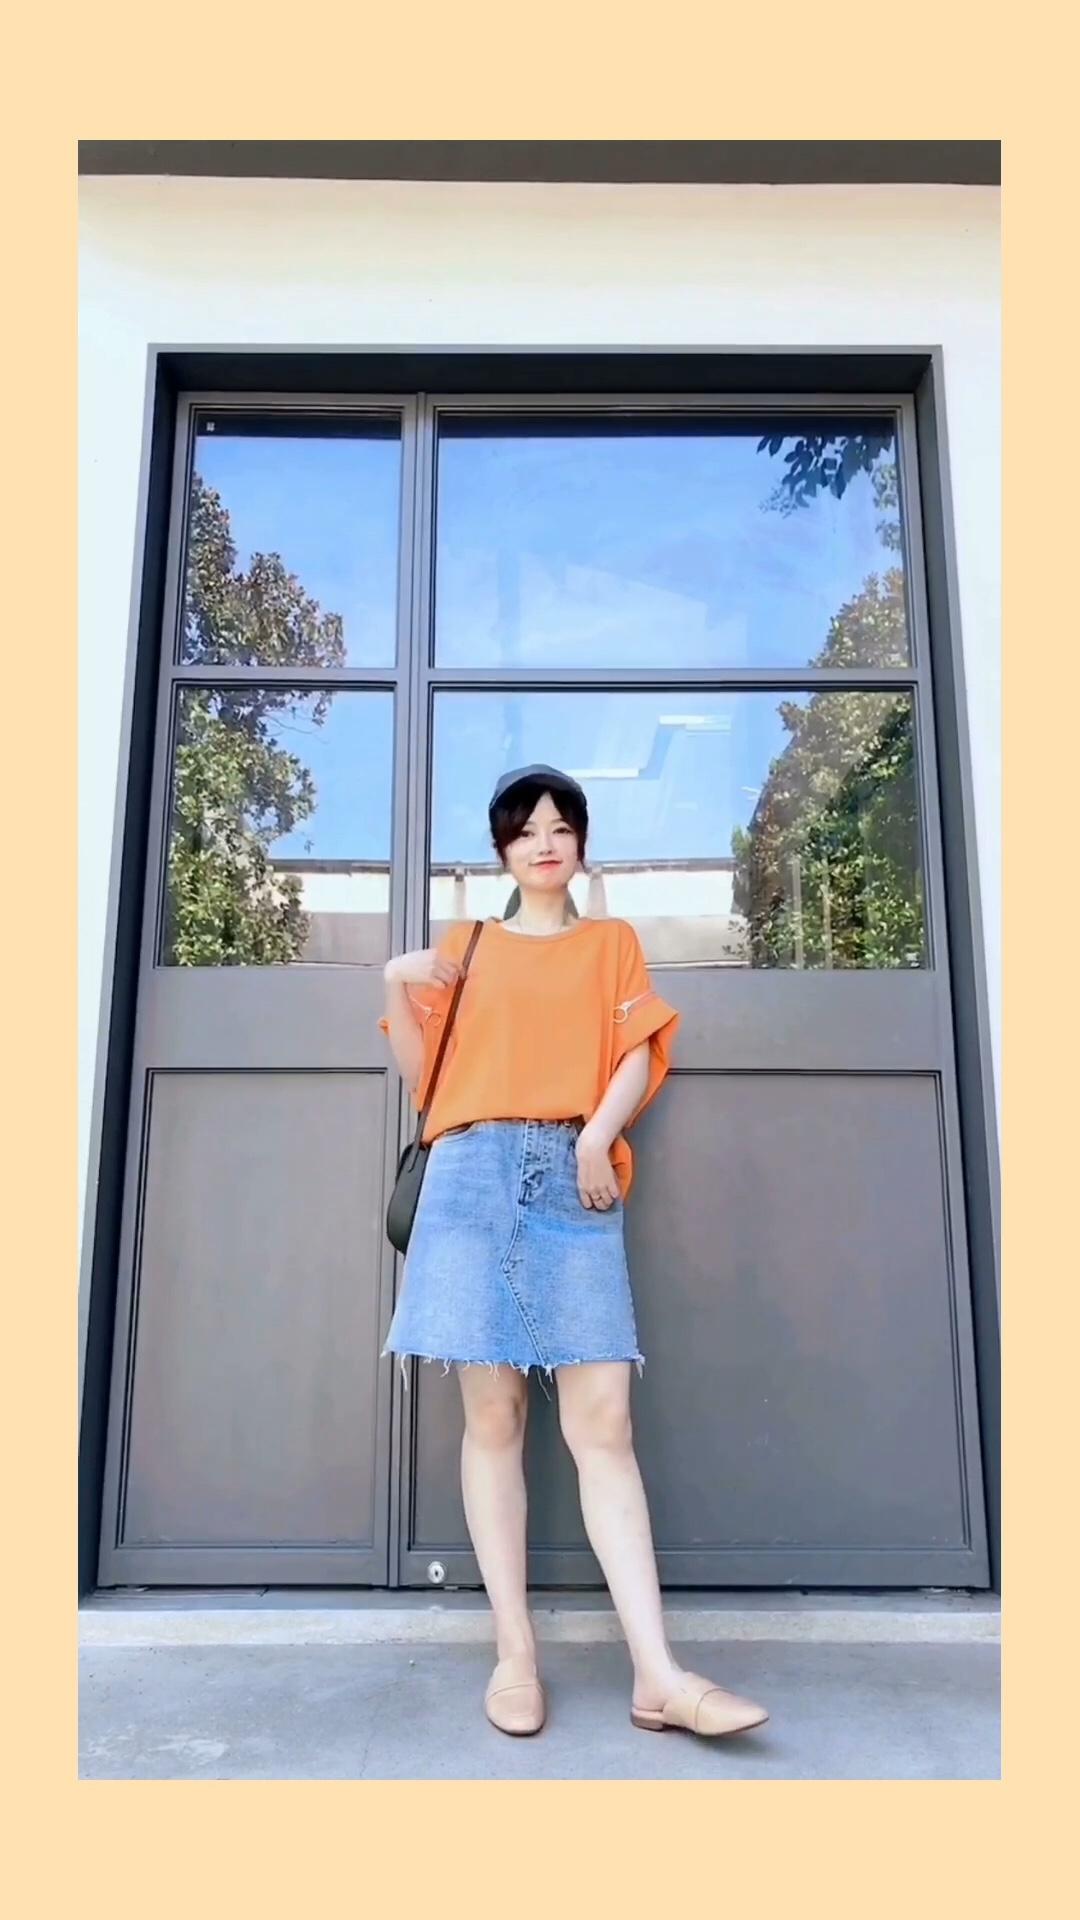 #惊!回头率百分百出街look#  高腰A字牛仔裙 是夏季衣橱必备哦 和各种tee盲搭也不会出错 橘色和牛仔蓝的搭配超级夏天哈